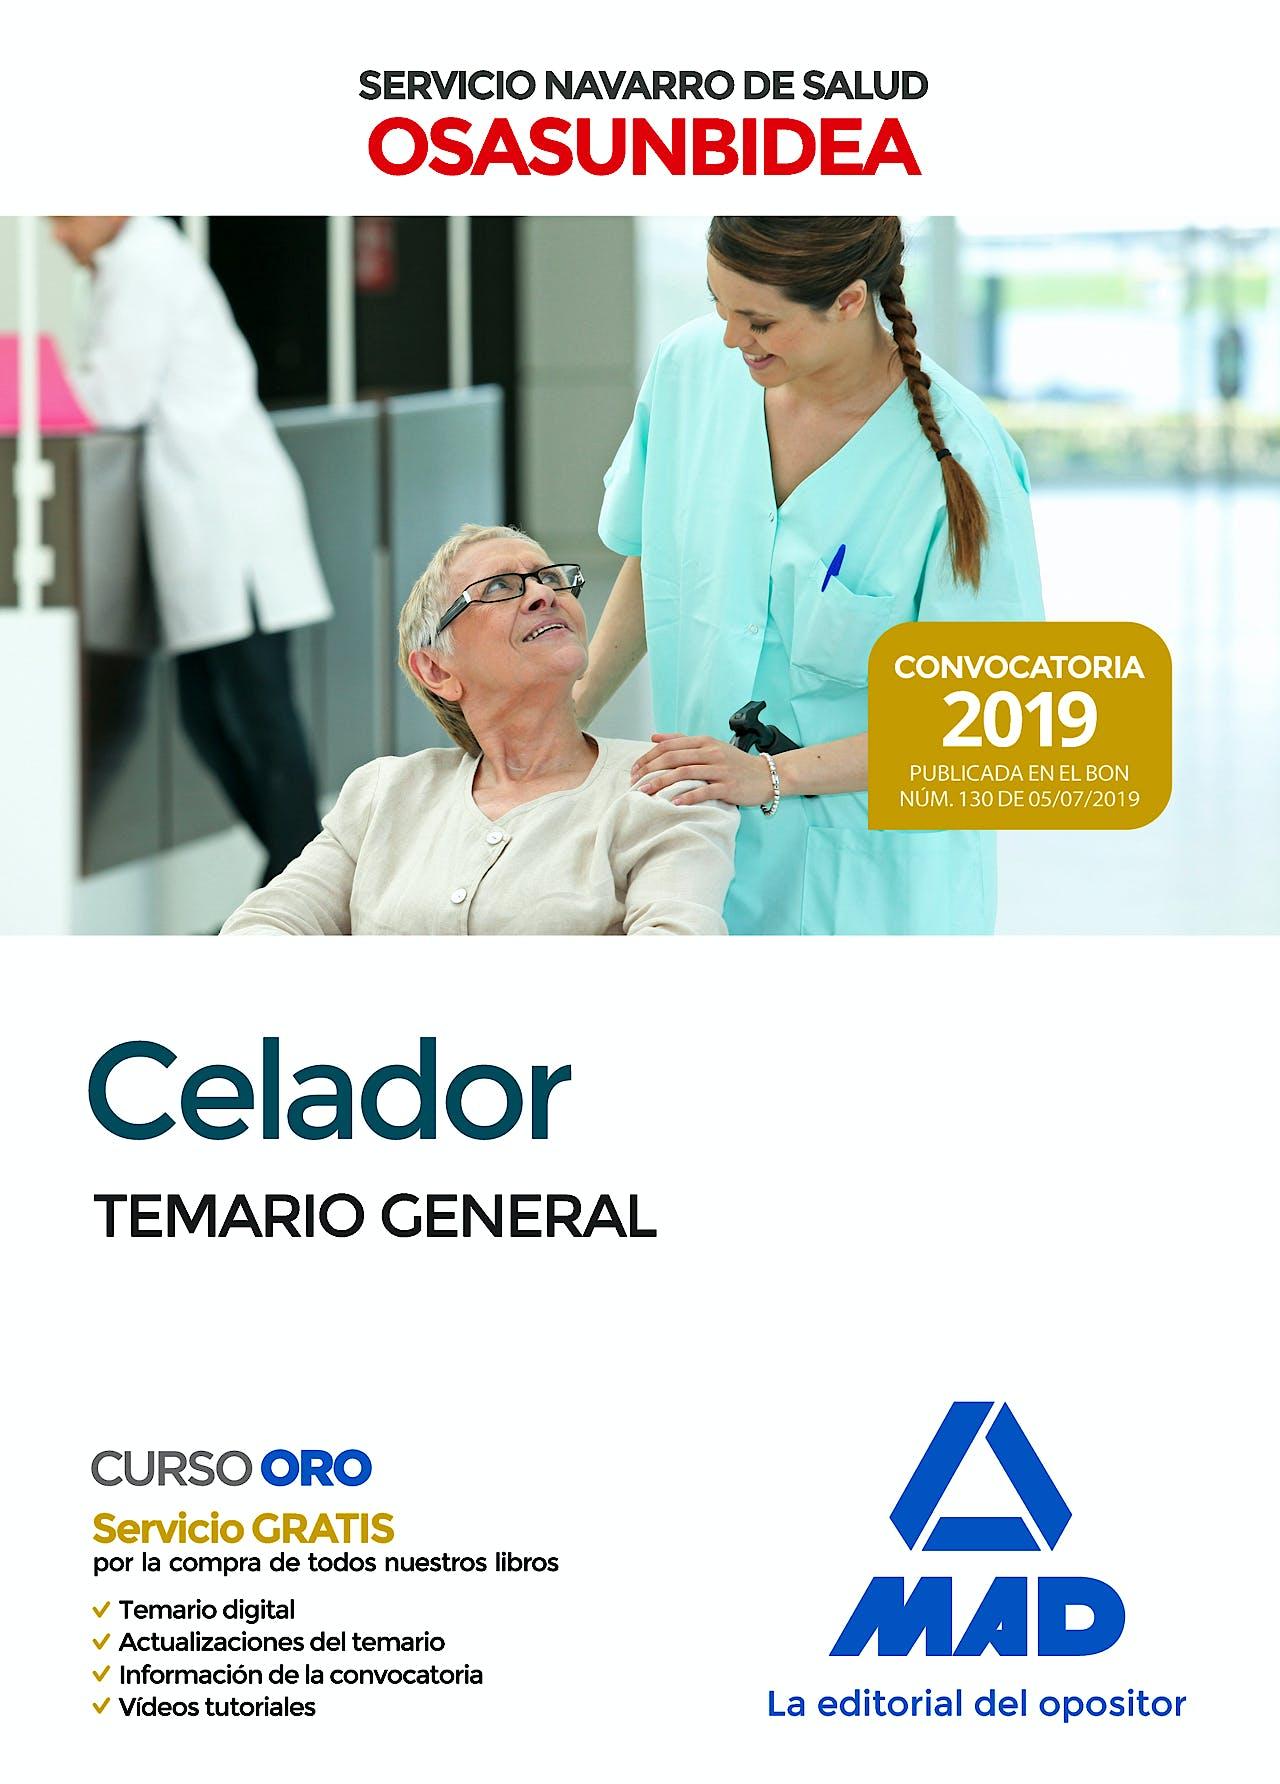 Portada del libro 9788414230534 Celador Servicio Navarro de Salud-Osasunbidea. Temario General